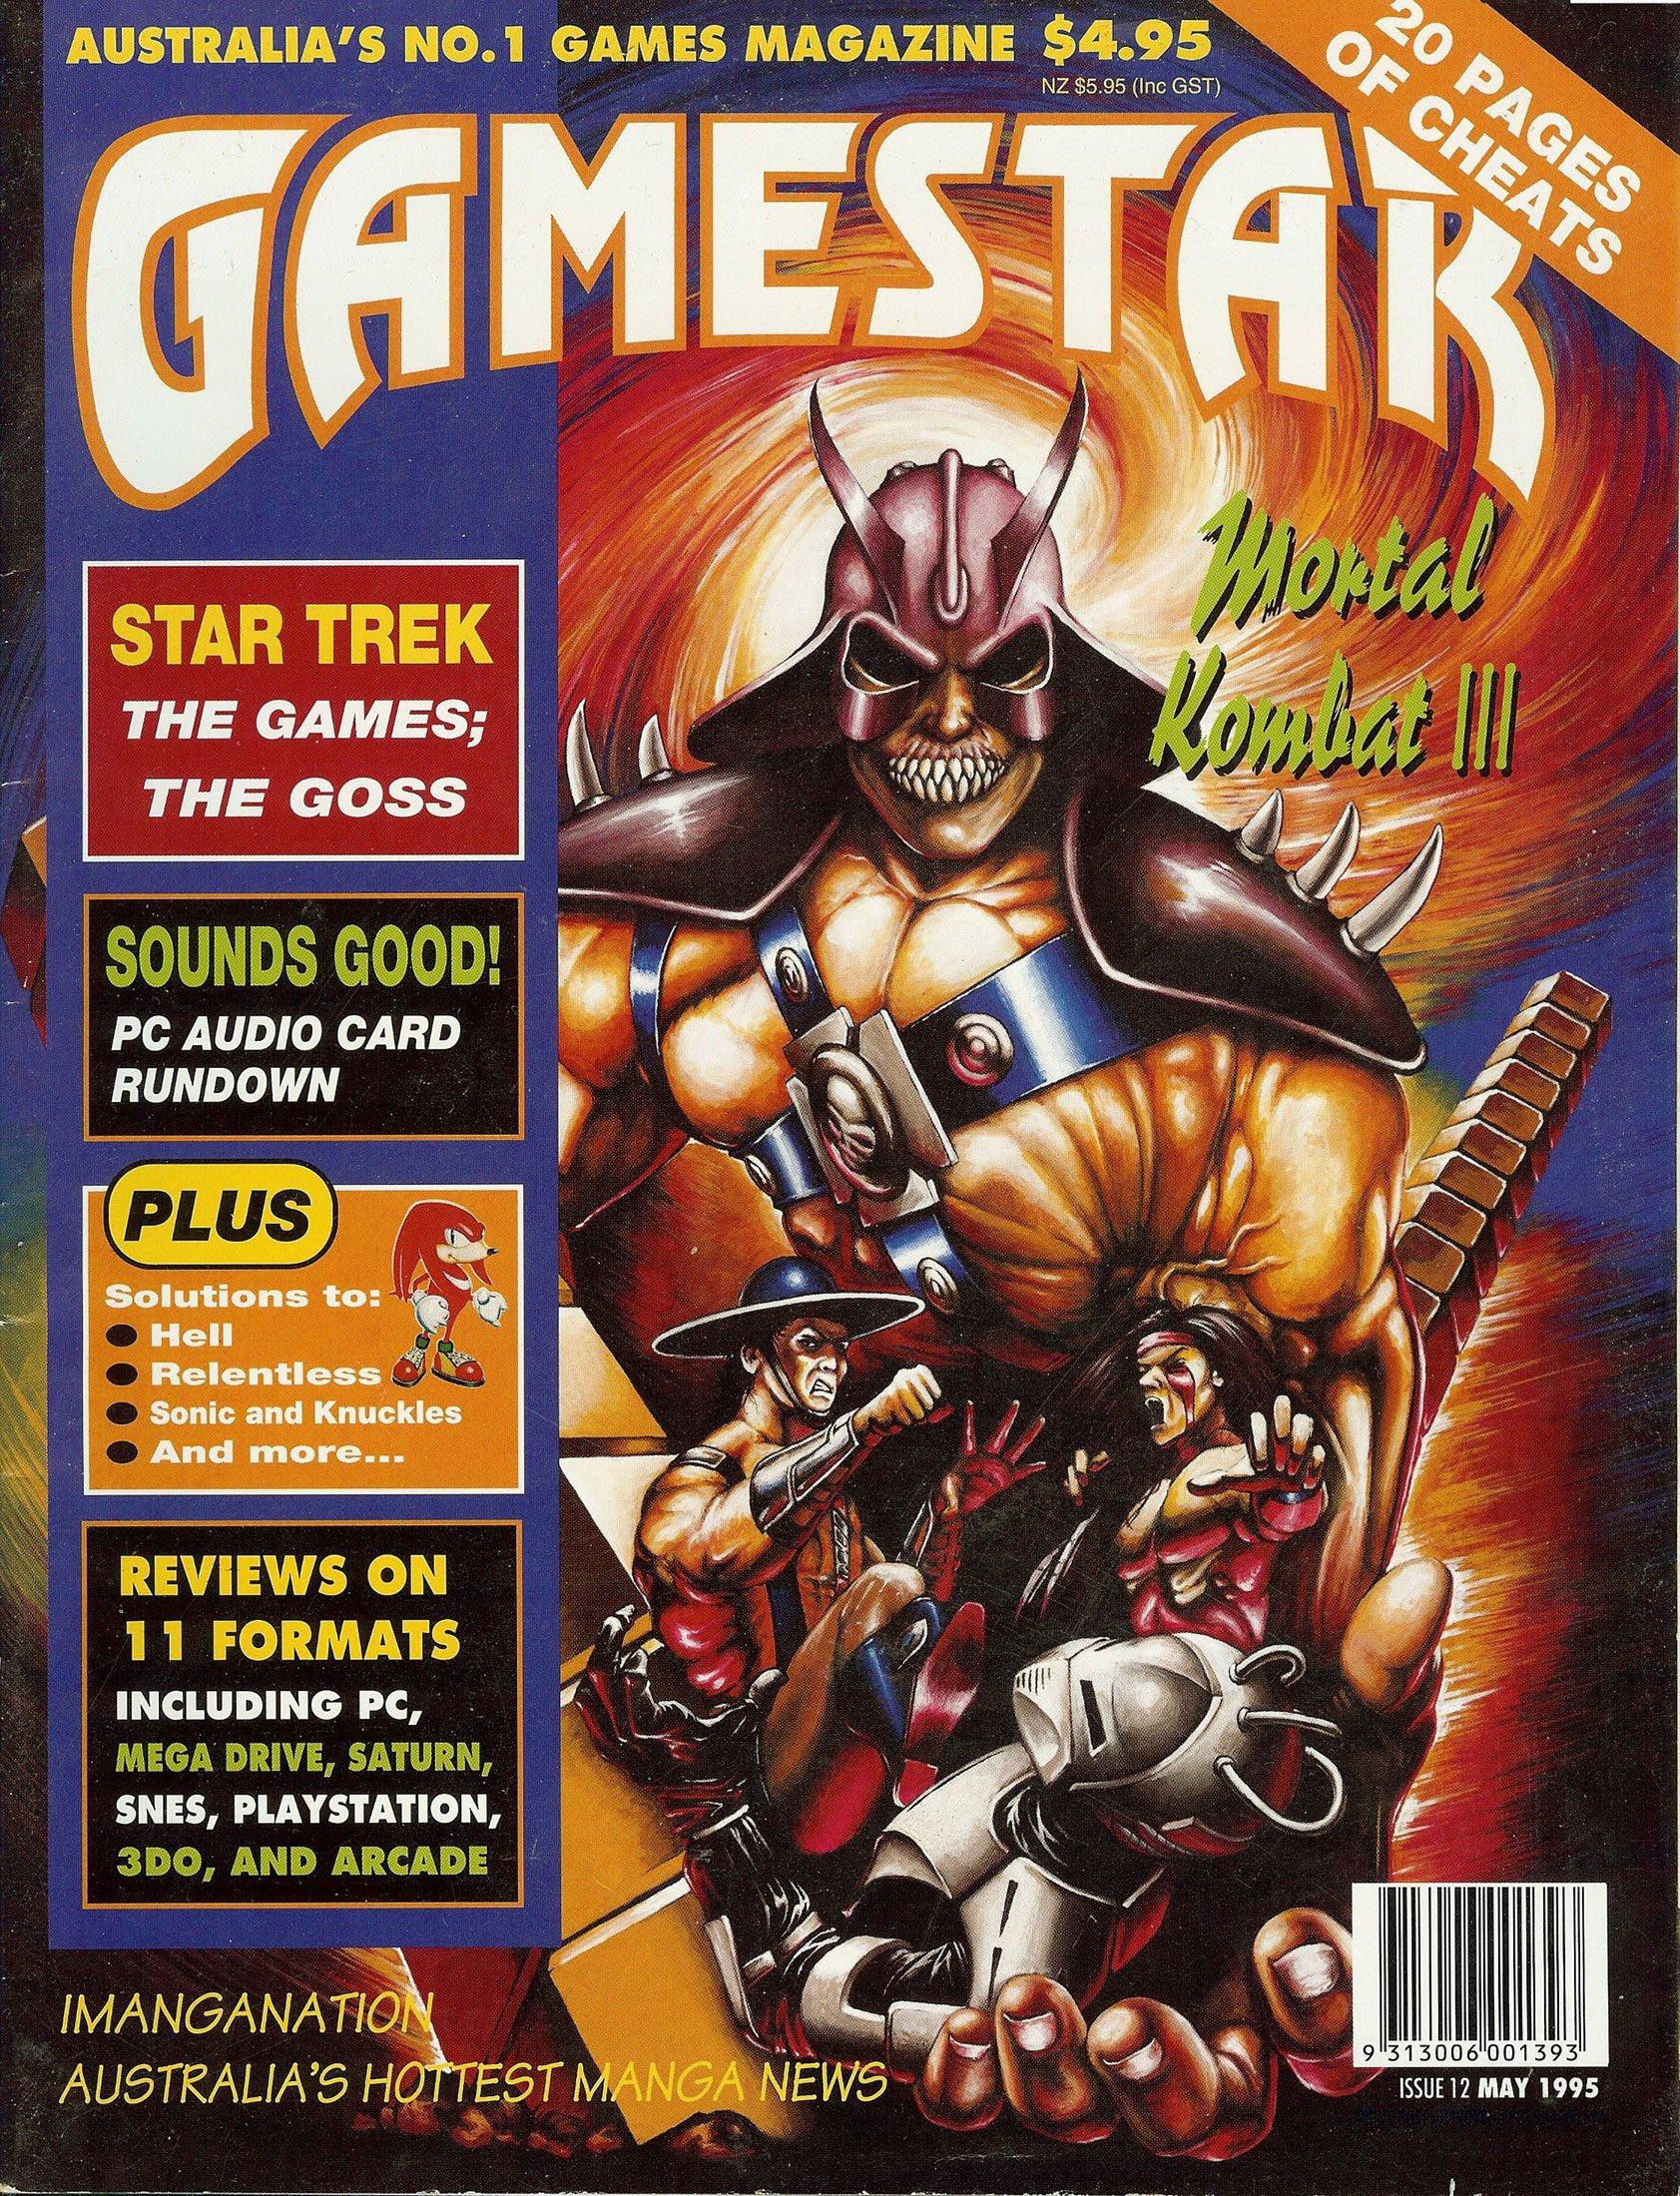 Gamestar 12 (May 1995)